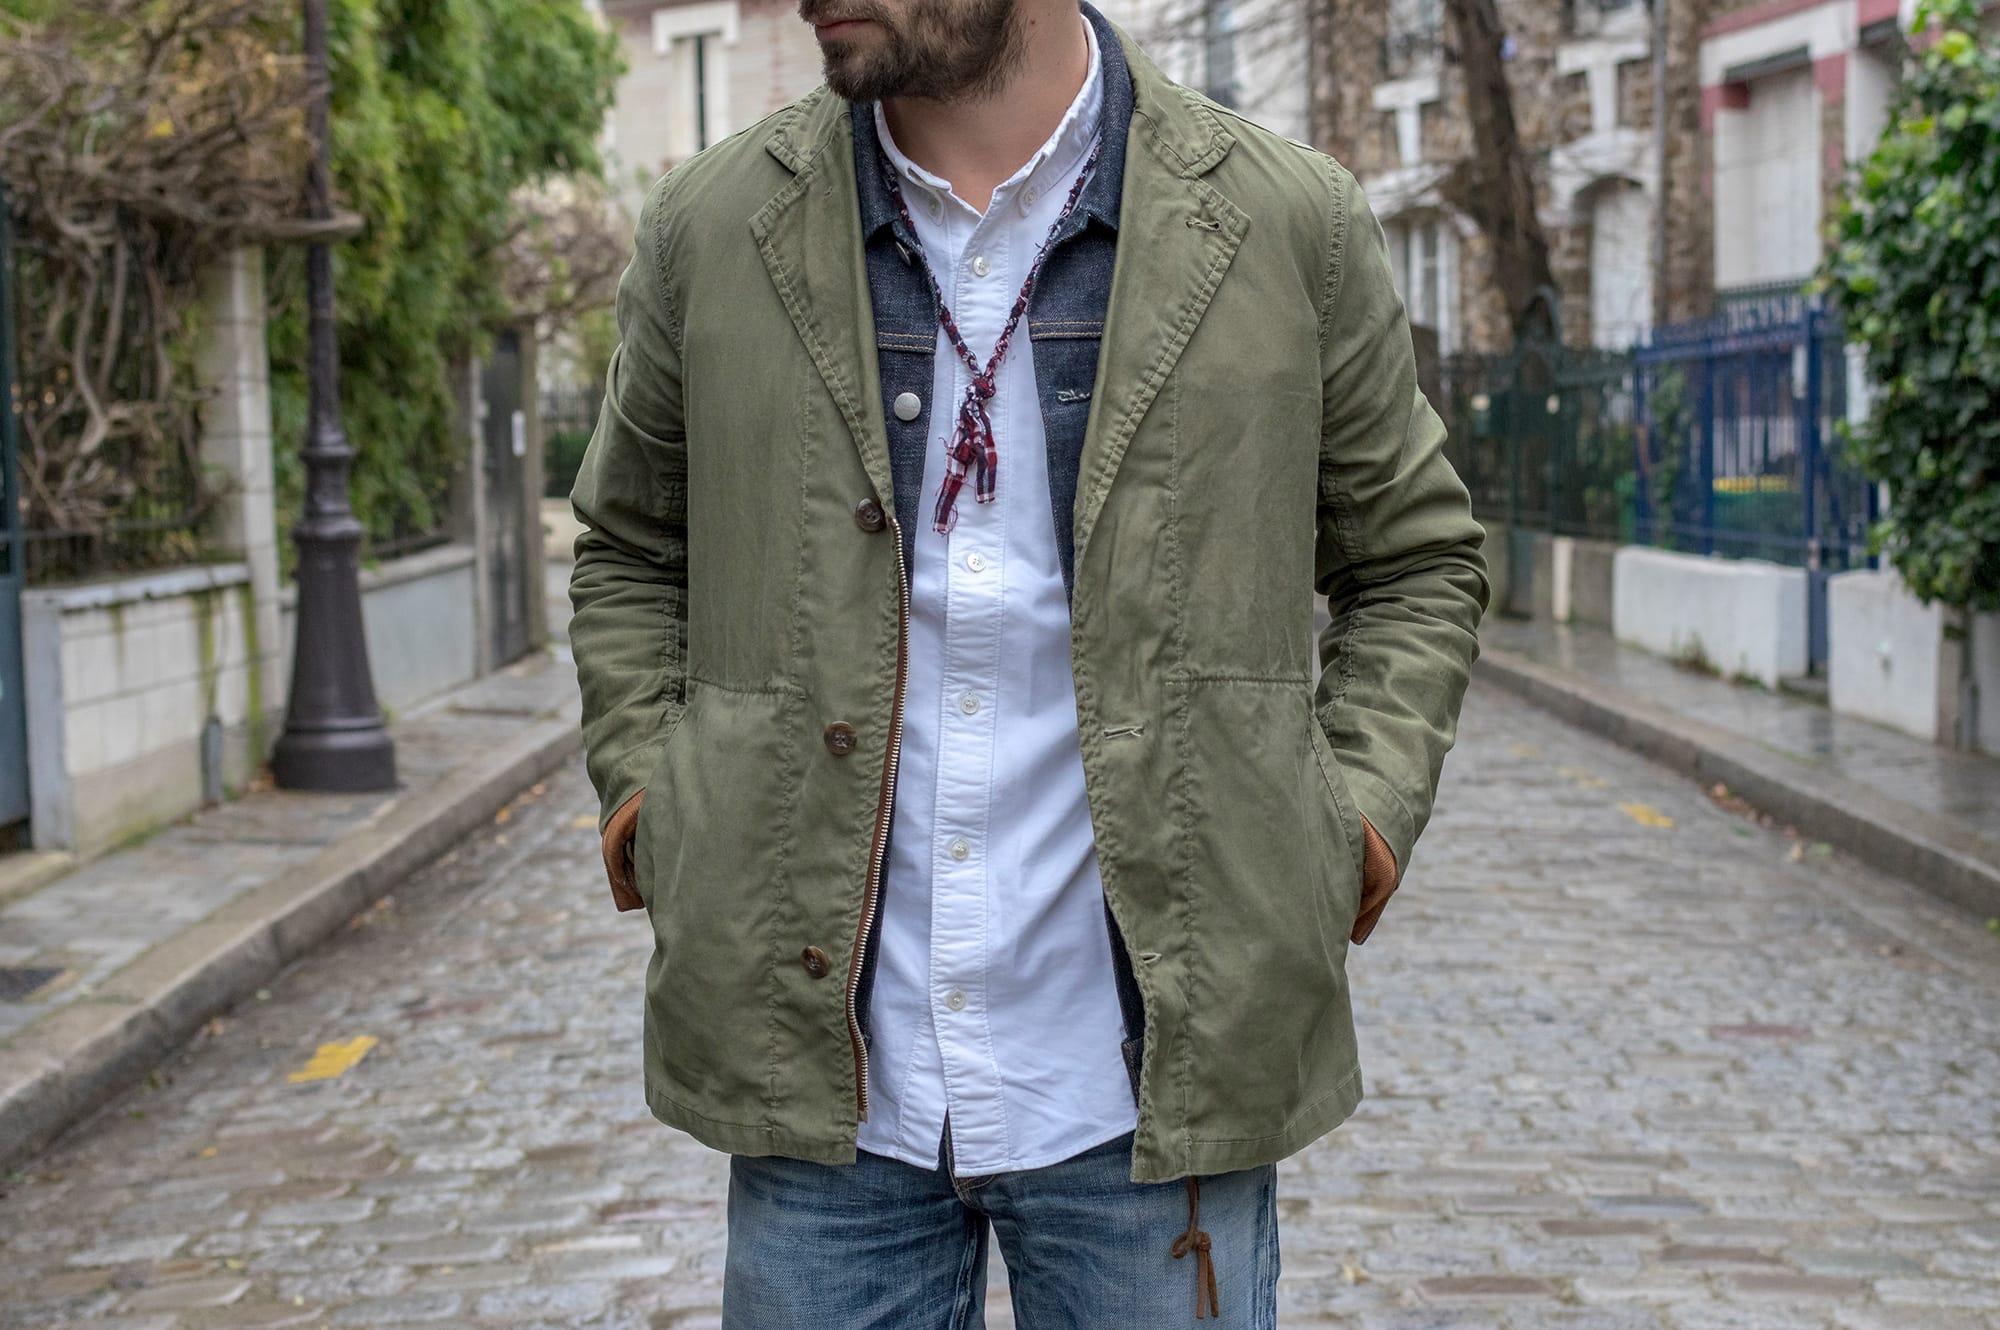 comment faire du layering dans une tenue homme ajusté mais workwear Borali collier visvim